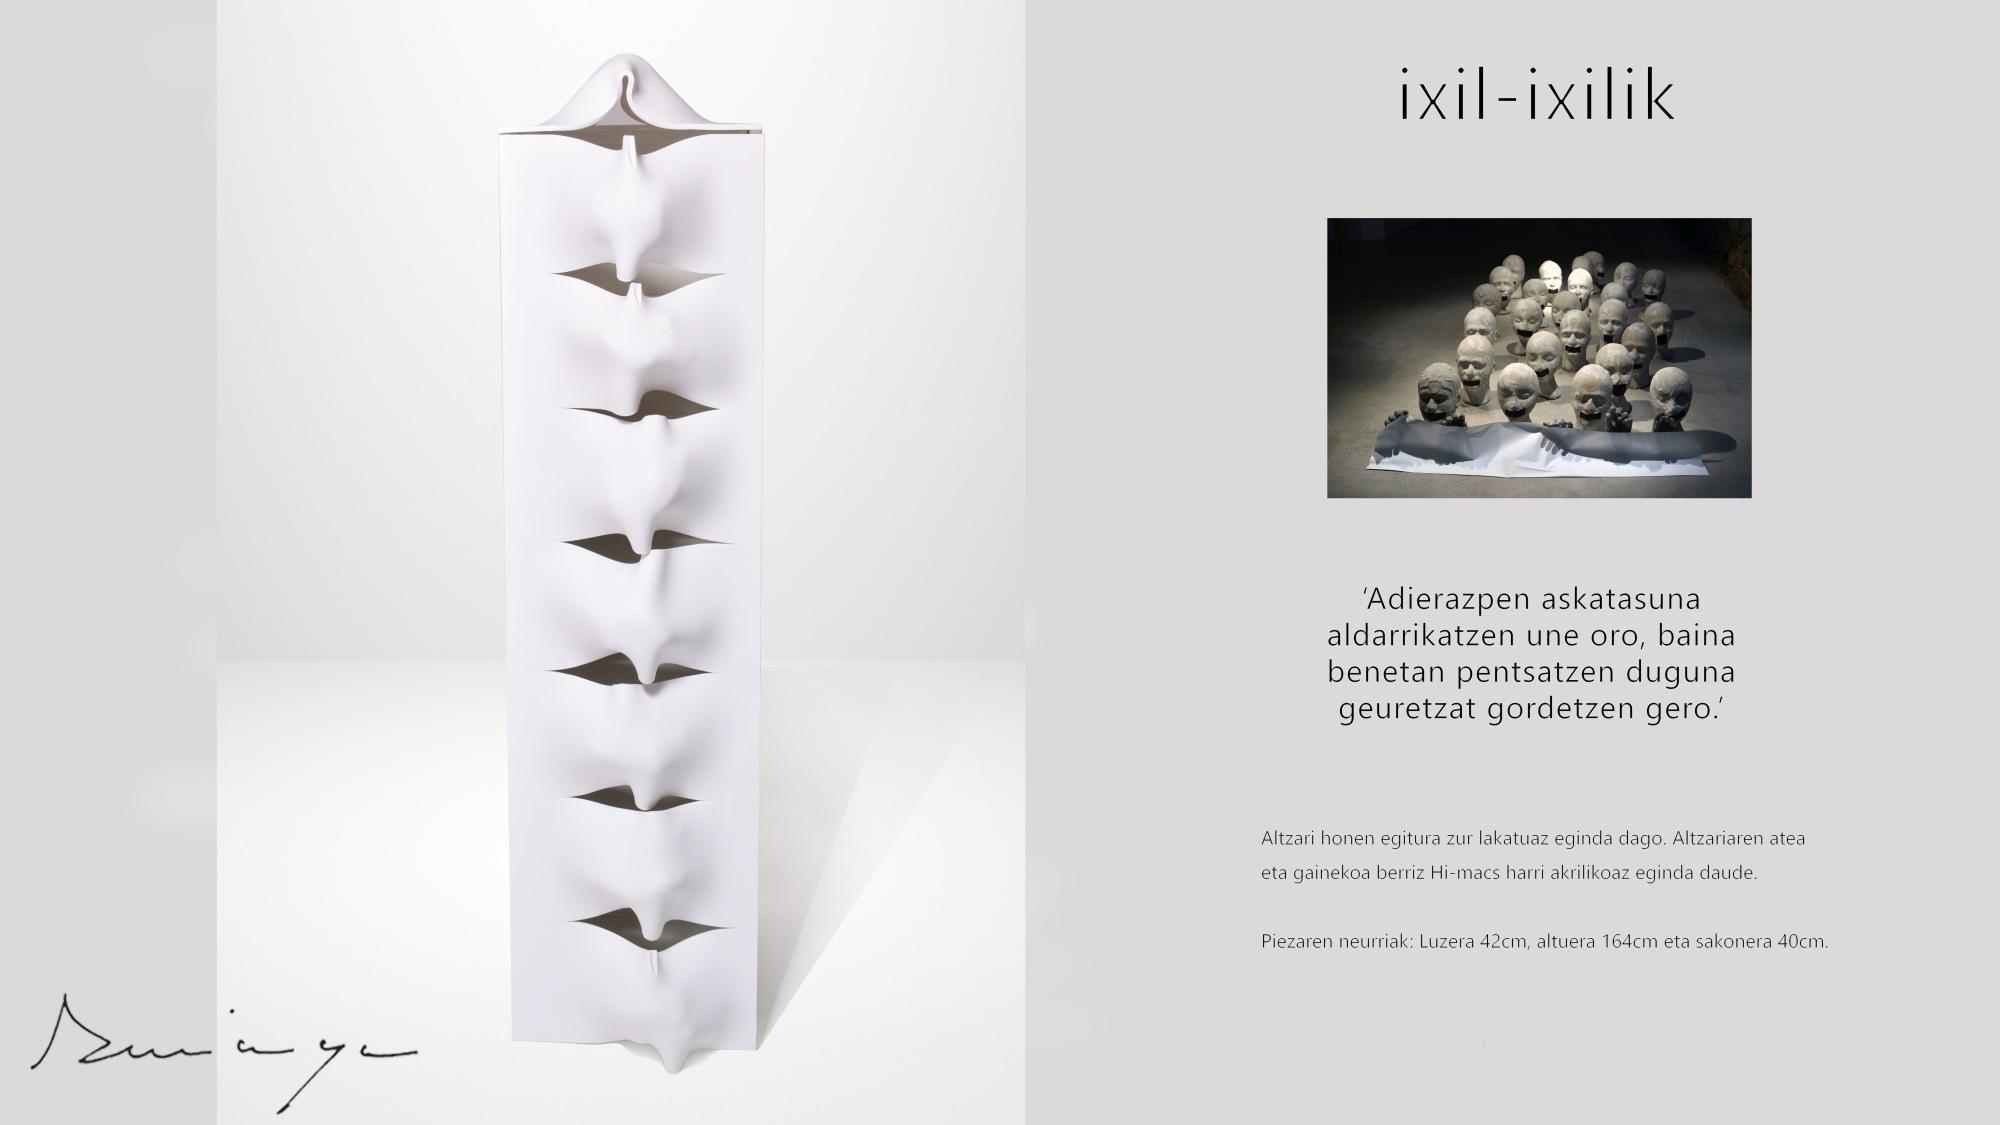 pIXIL IXILIK EUSK 1 (2)